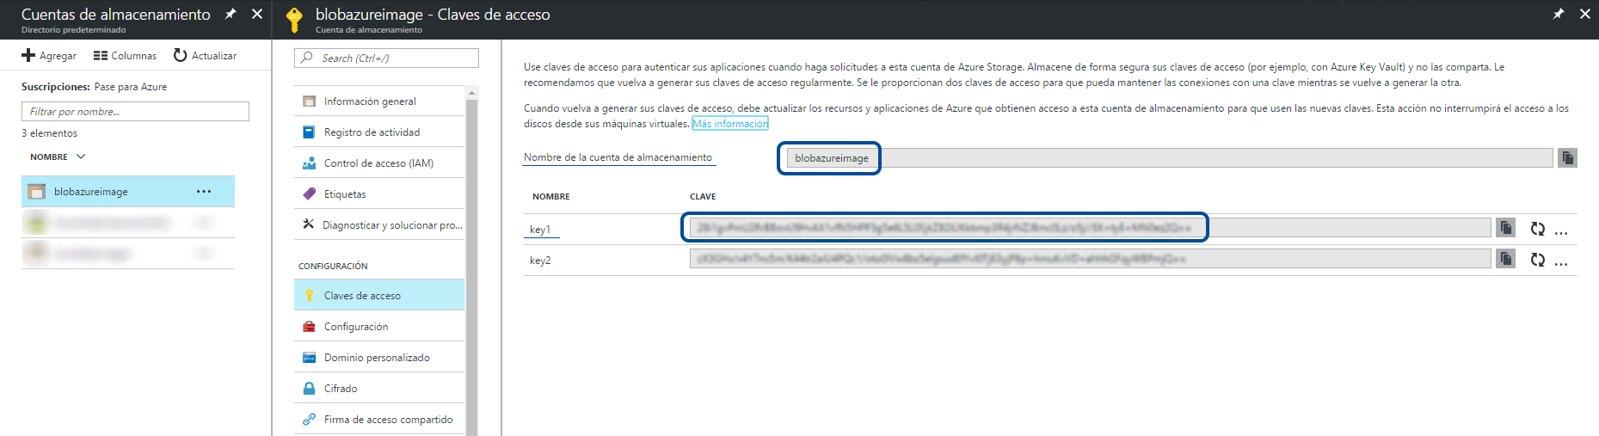 1.nombre_clave Almacenamiento de BLOB en Azure